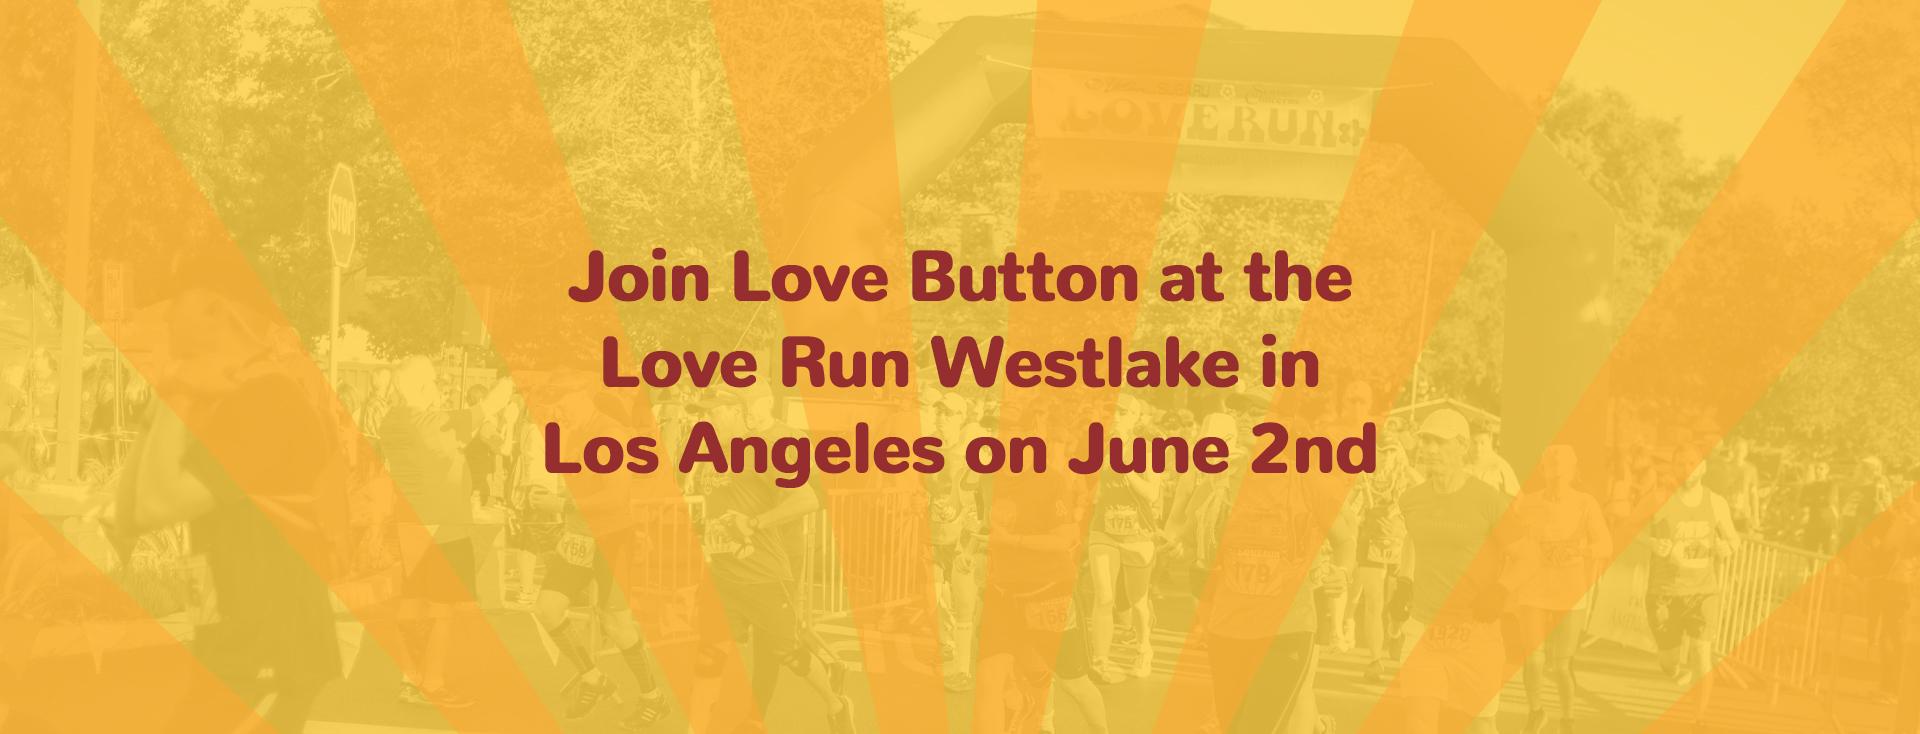 Love Button at Love Run Westlake